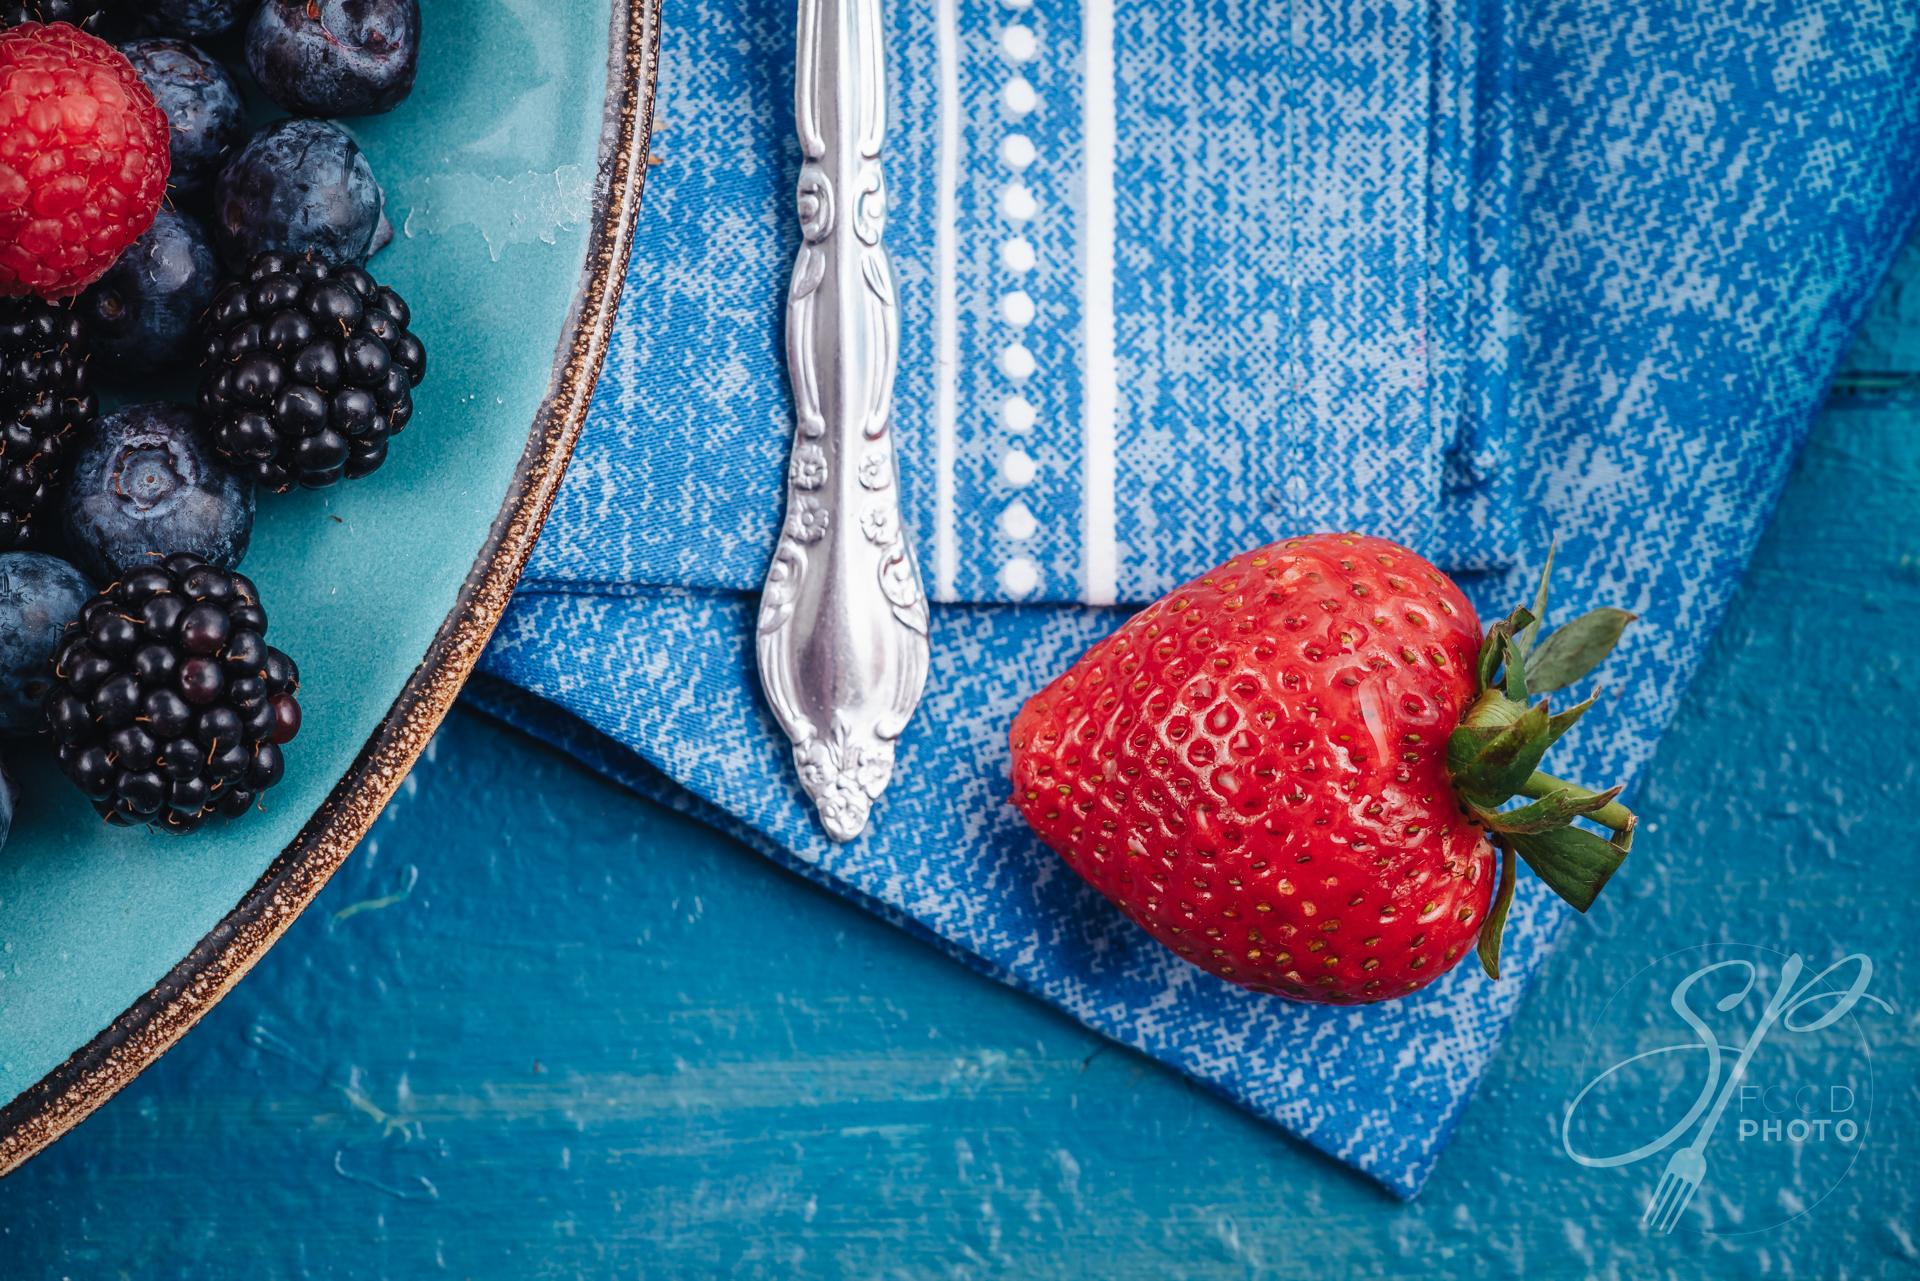 Beautiful macro of a fresh strawberry